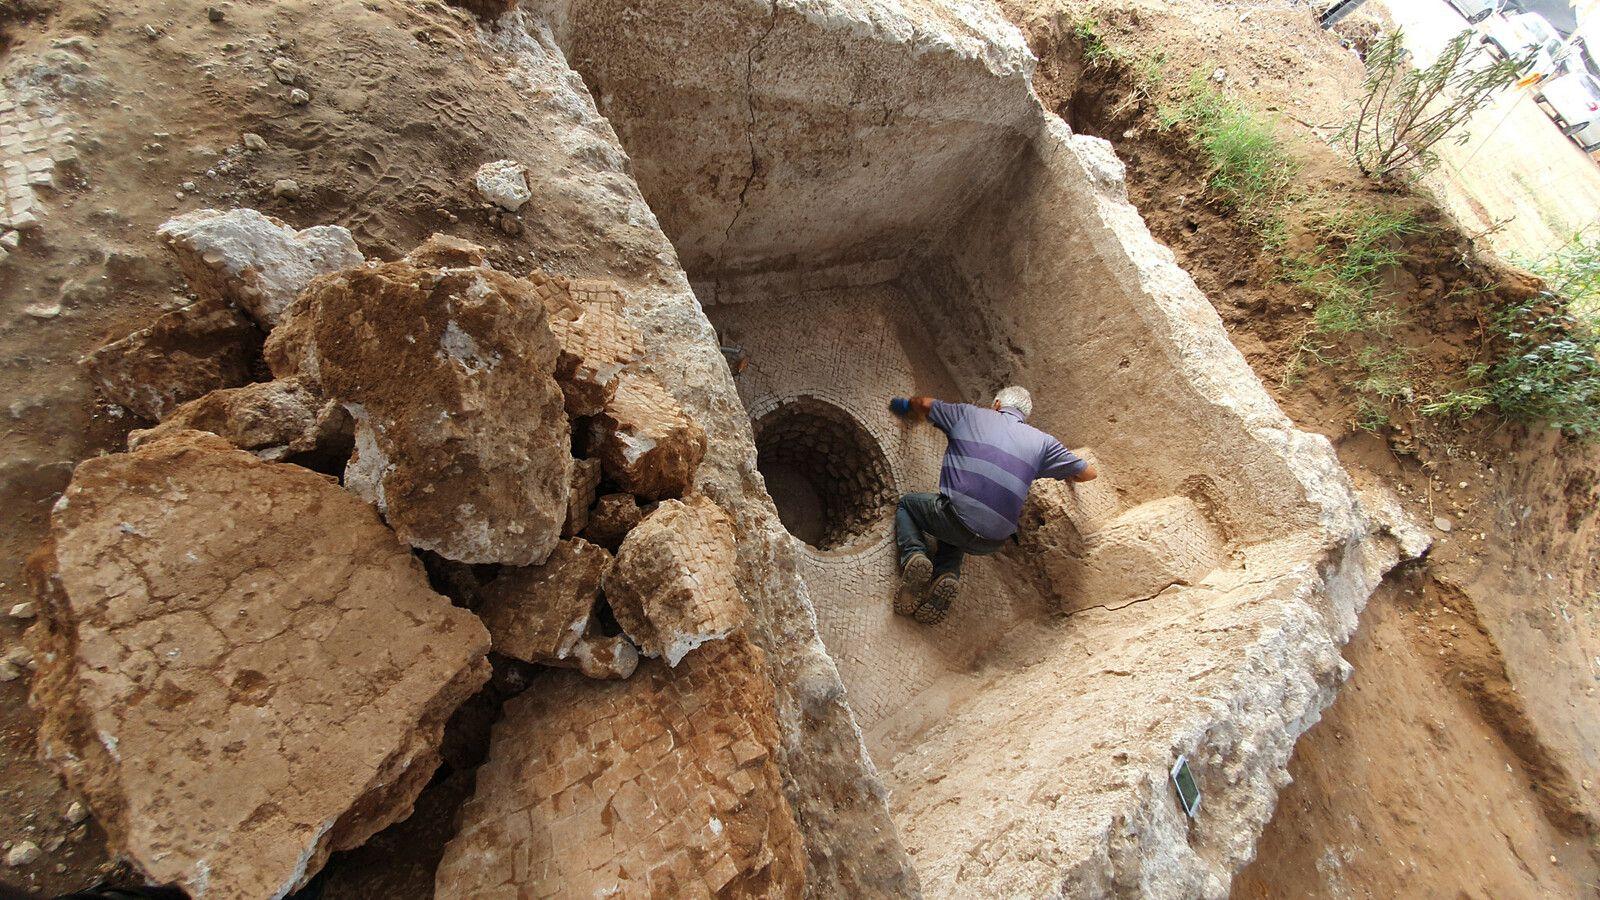 Le pressoir à vin datant de l'époque bzantine - Crédit photo : Yoli Schwartz/ Israel Antiquities Authority